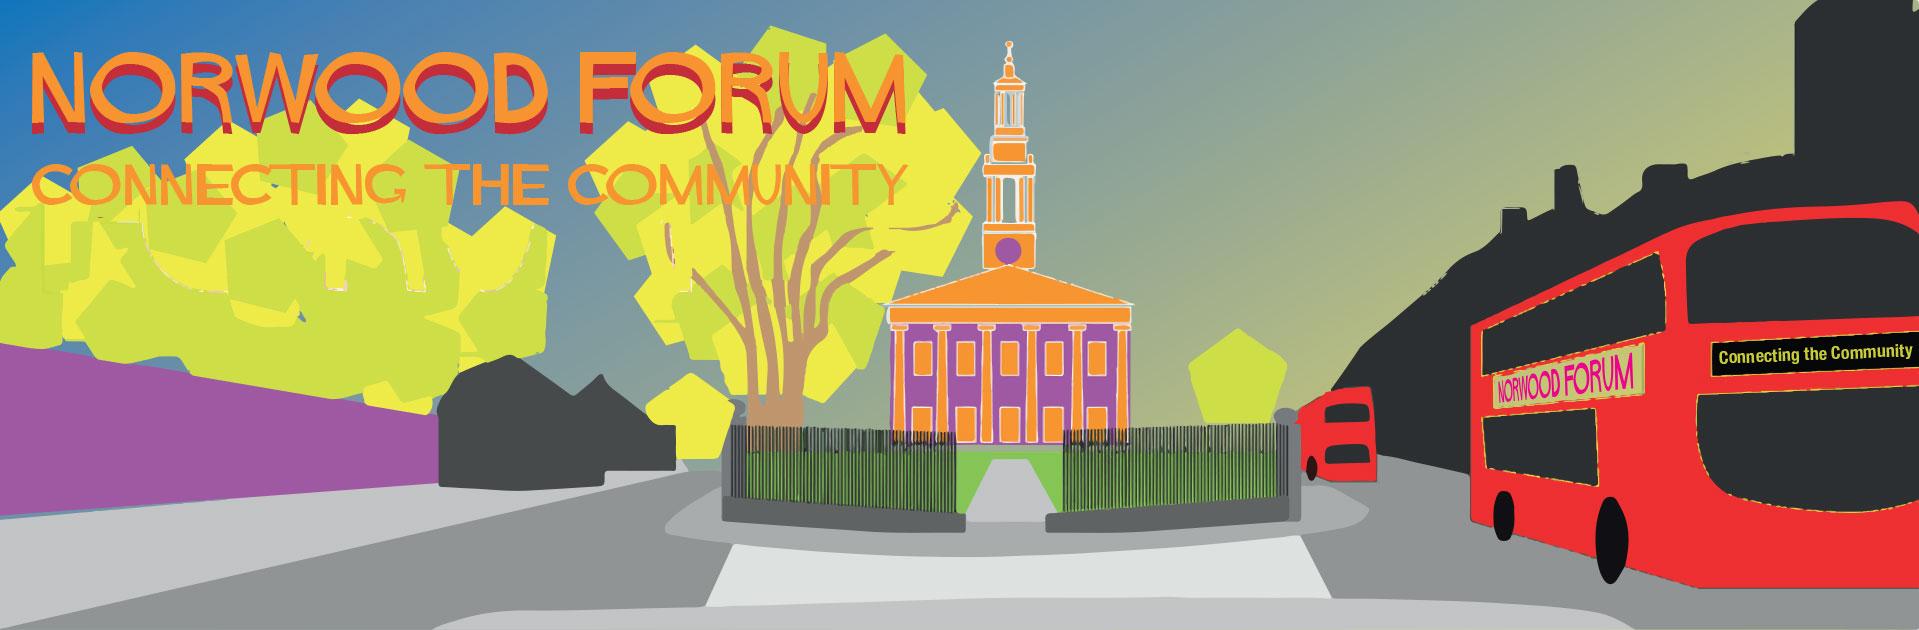 Image of Norwood Forum